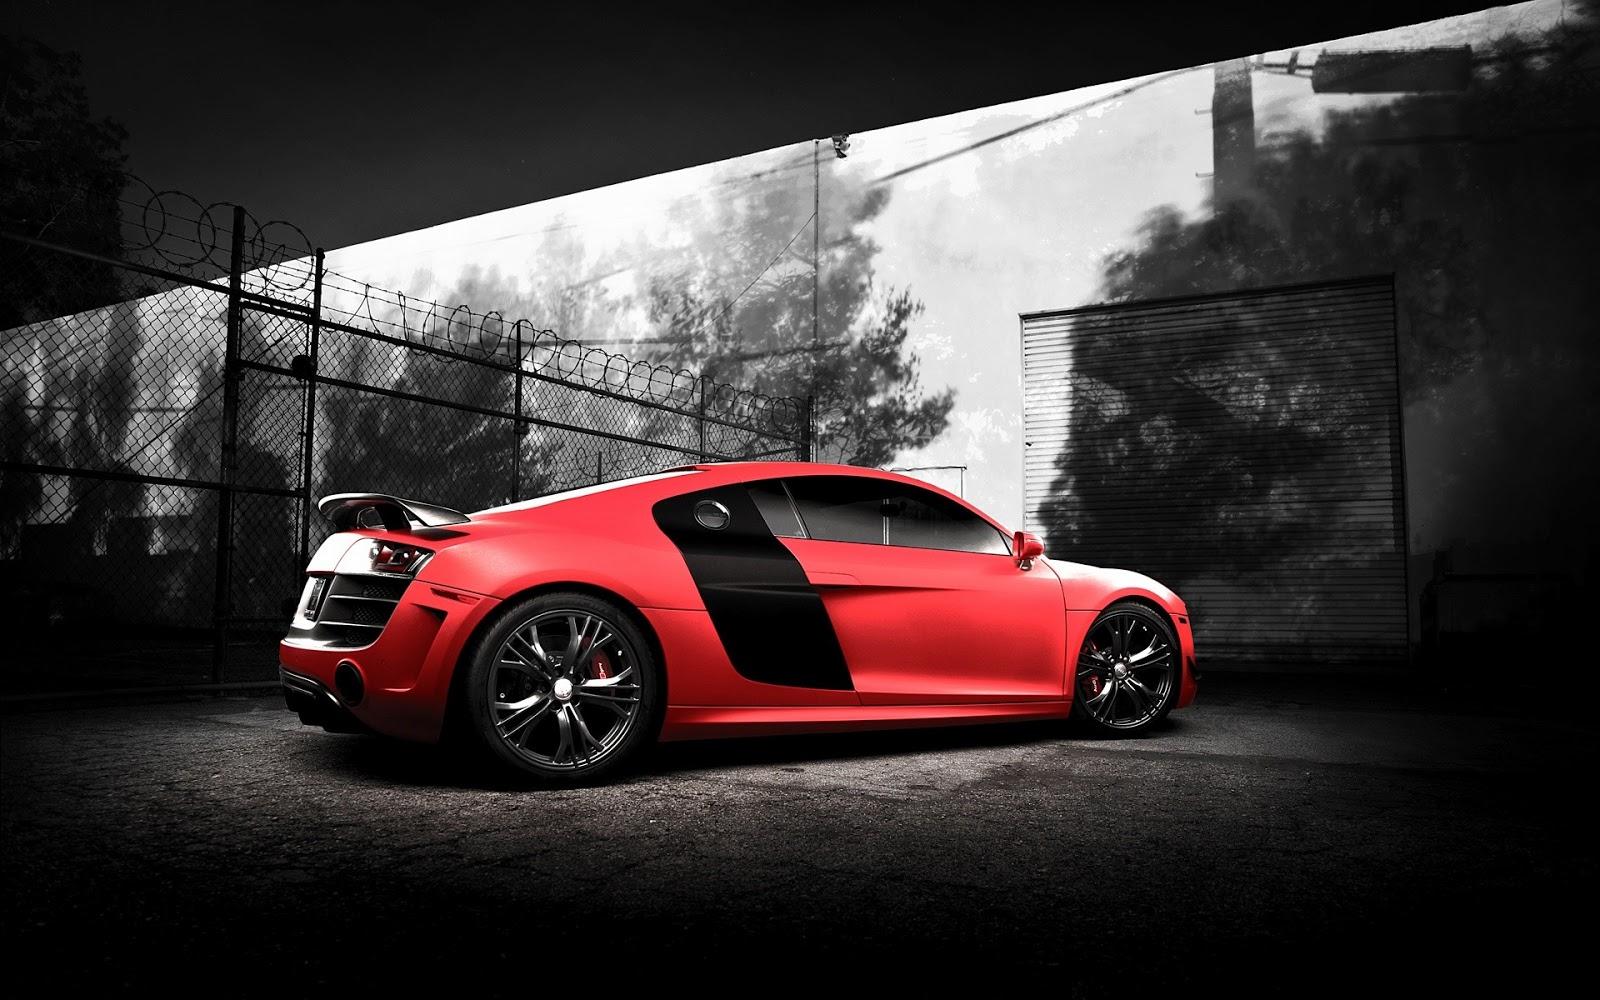 Descargar Fondos De Pantalla 4k Audi R8 Costa De 2017: Fondo De Pantalla Coche Audi Rojo